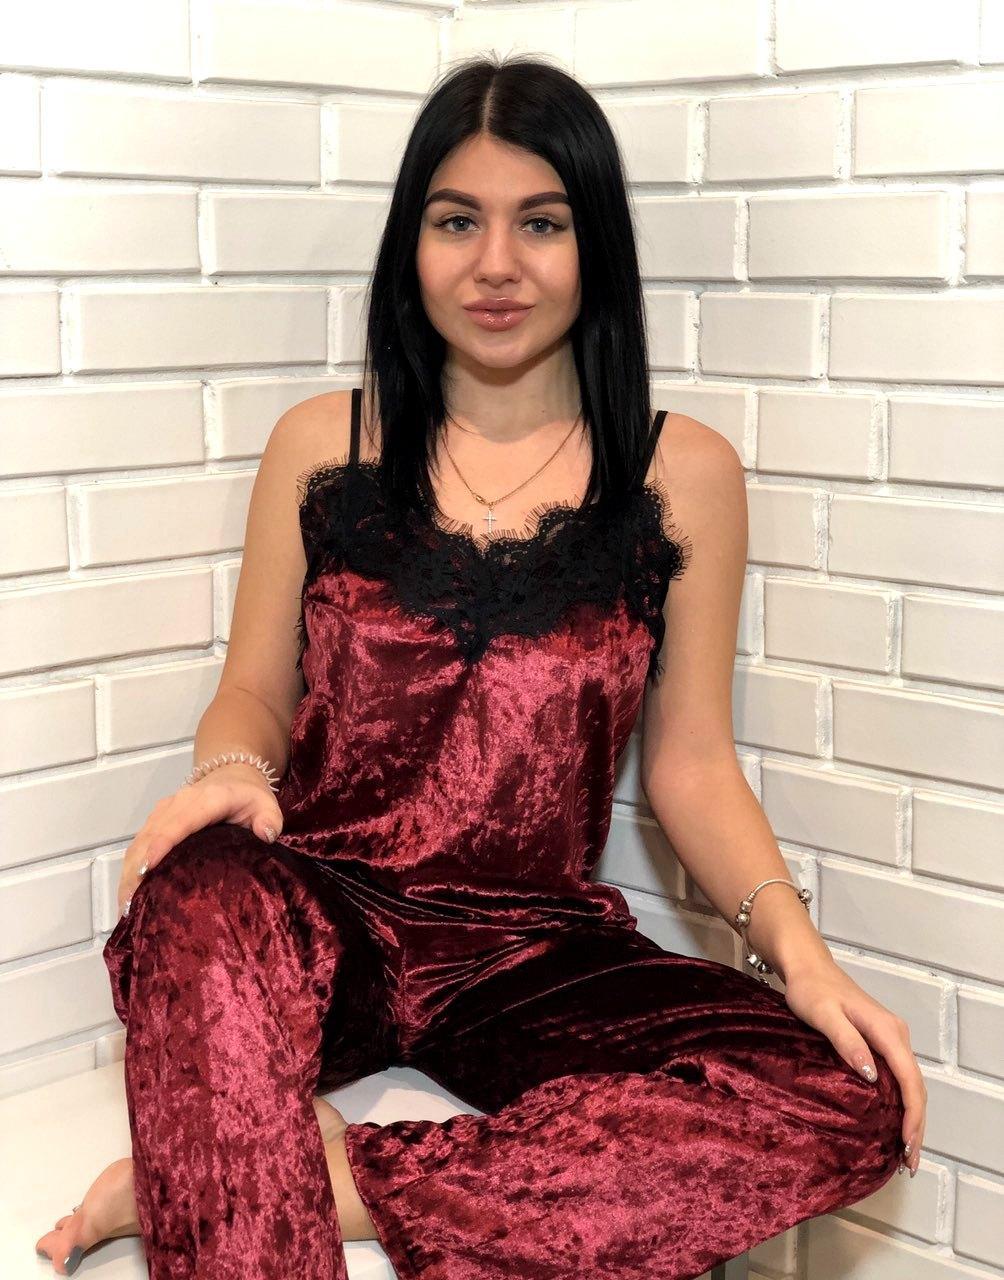 Шикарная бордовая велюровая брючная пижама с кружевом